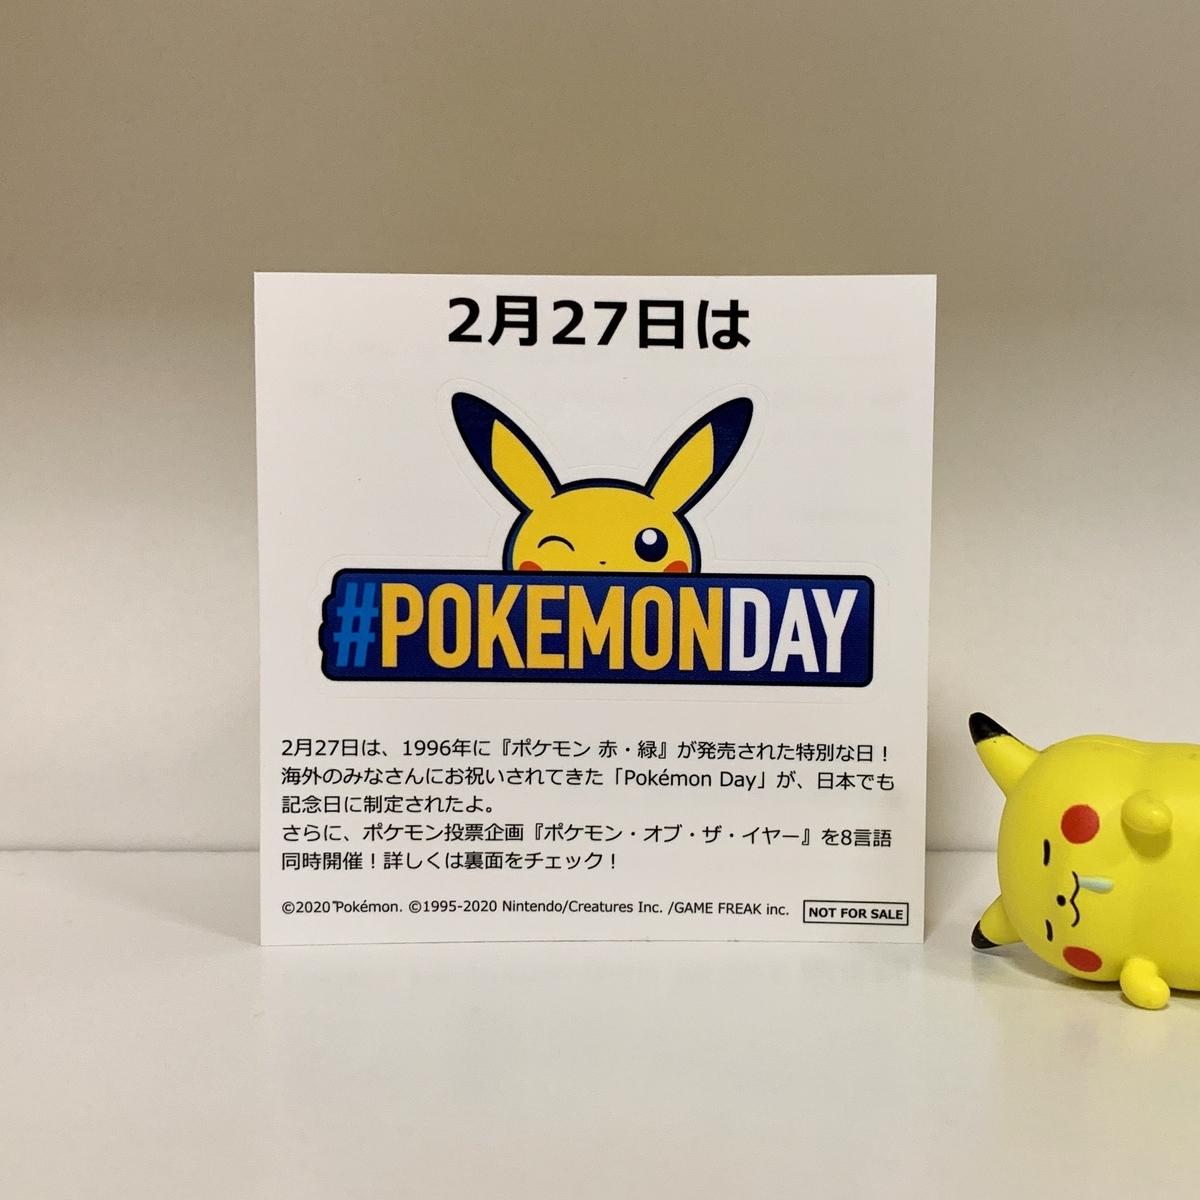 f:id:pikachu_pcn:20200208162128j:plain